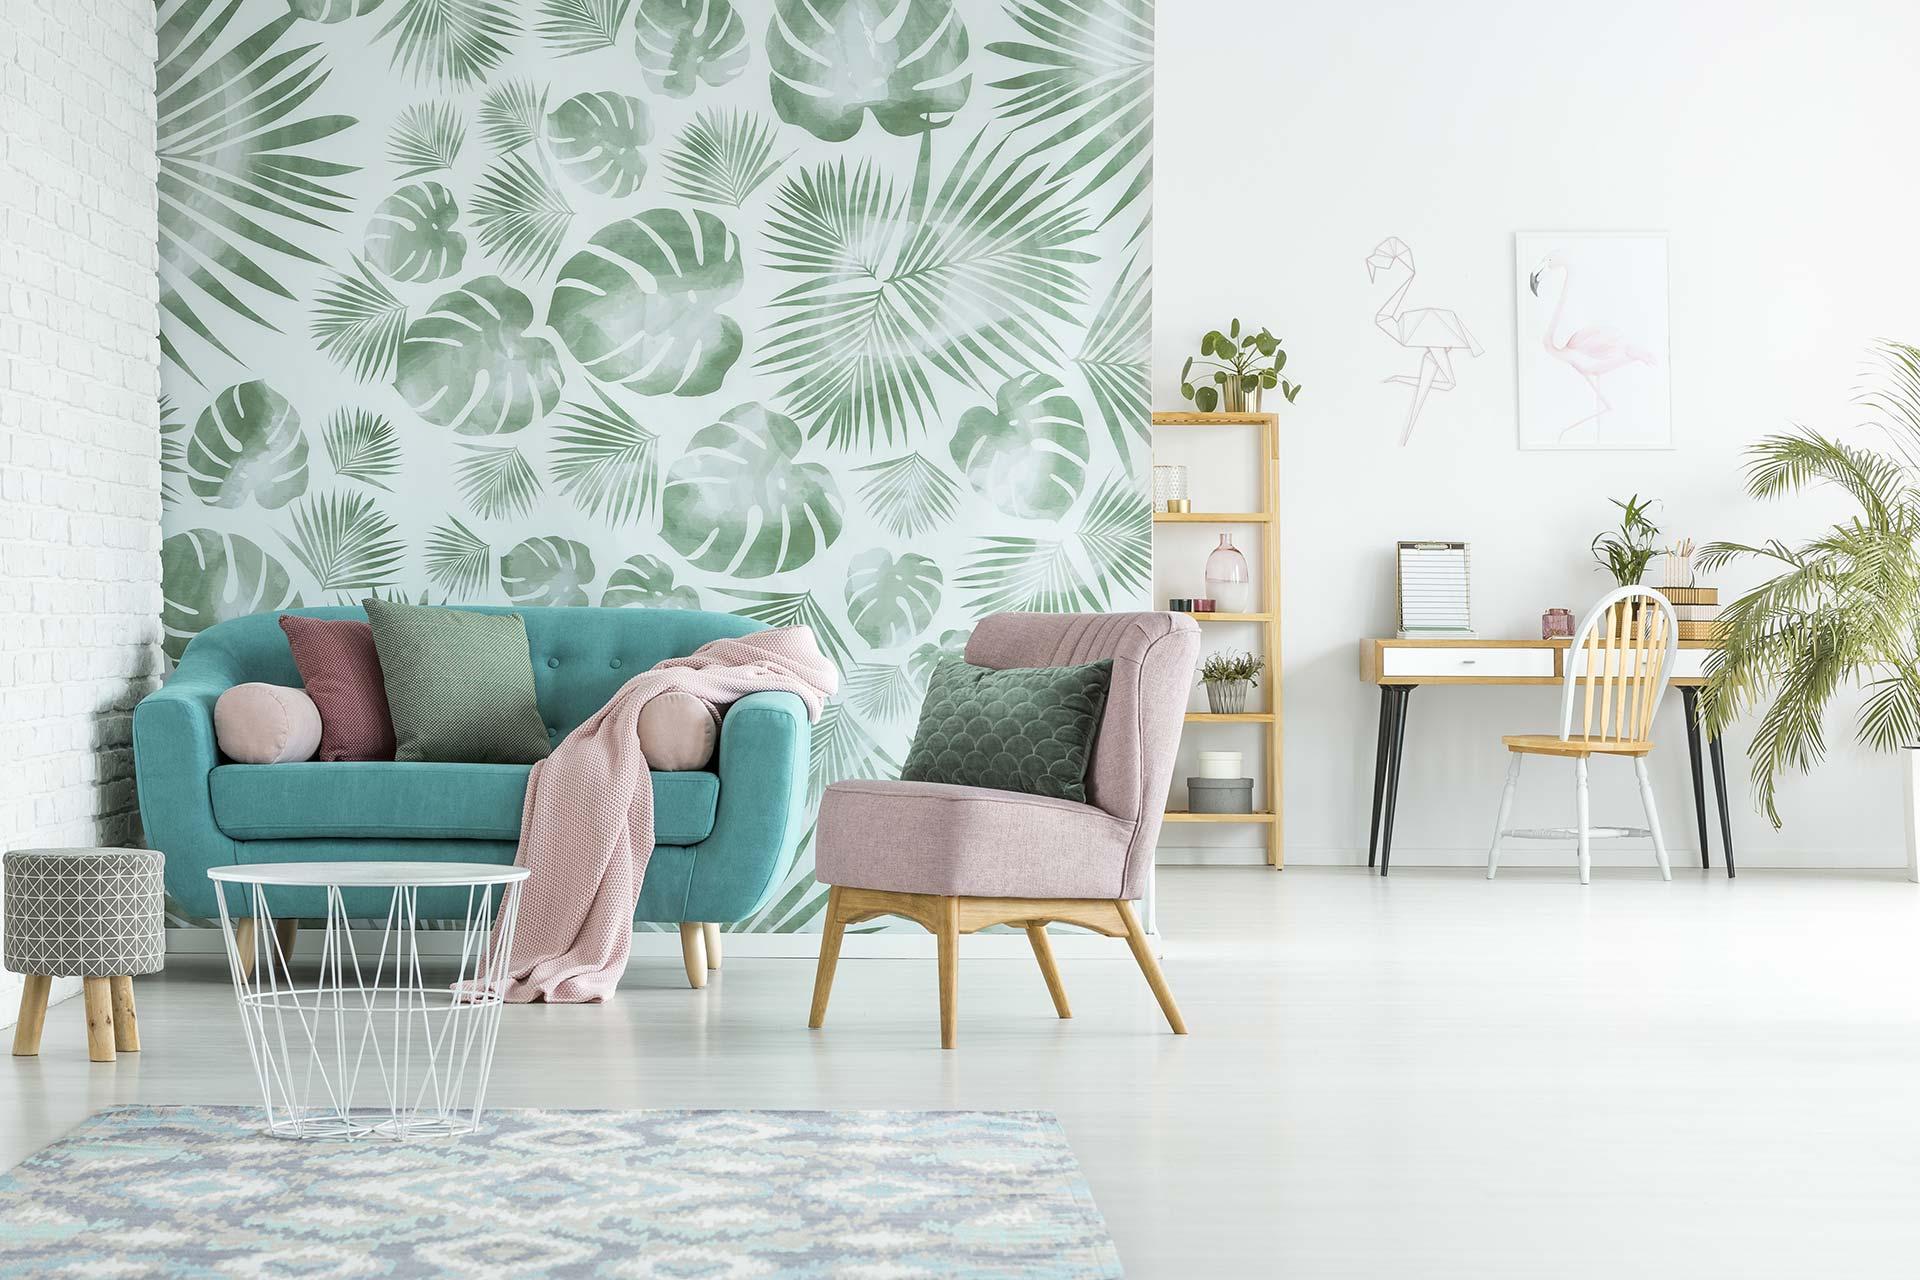 Tapeten & Farben - Modernes, offenes Apartment mit gemusterter Papiertapete